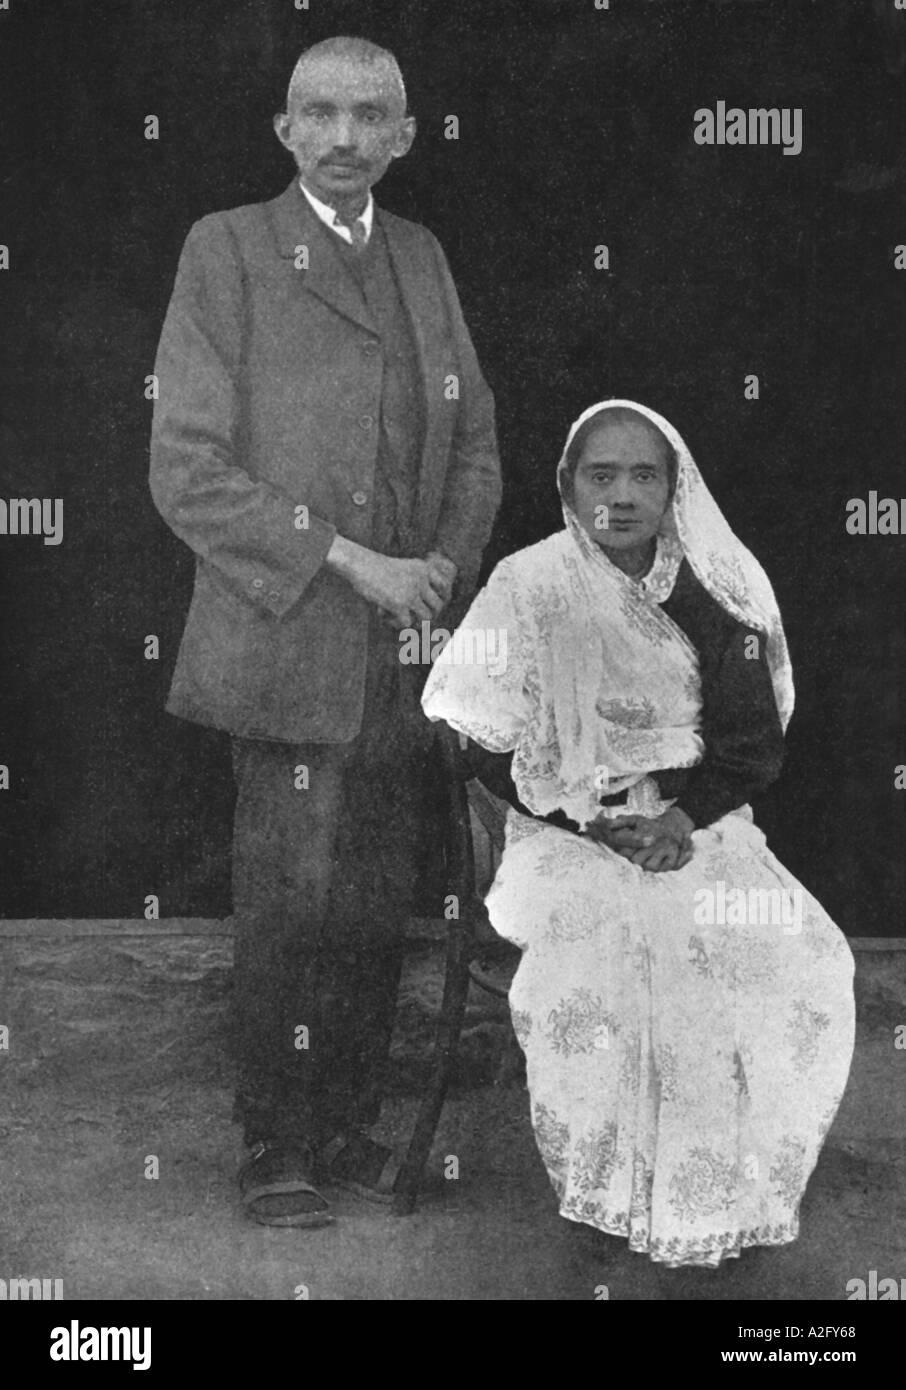 Kasturba e il Mahatma Gandhi in tre pezzi in tuta Johannesburg Sudafrica prima della loro partenza per l'Inghilterra Luglio 1914 Immagini Stock